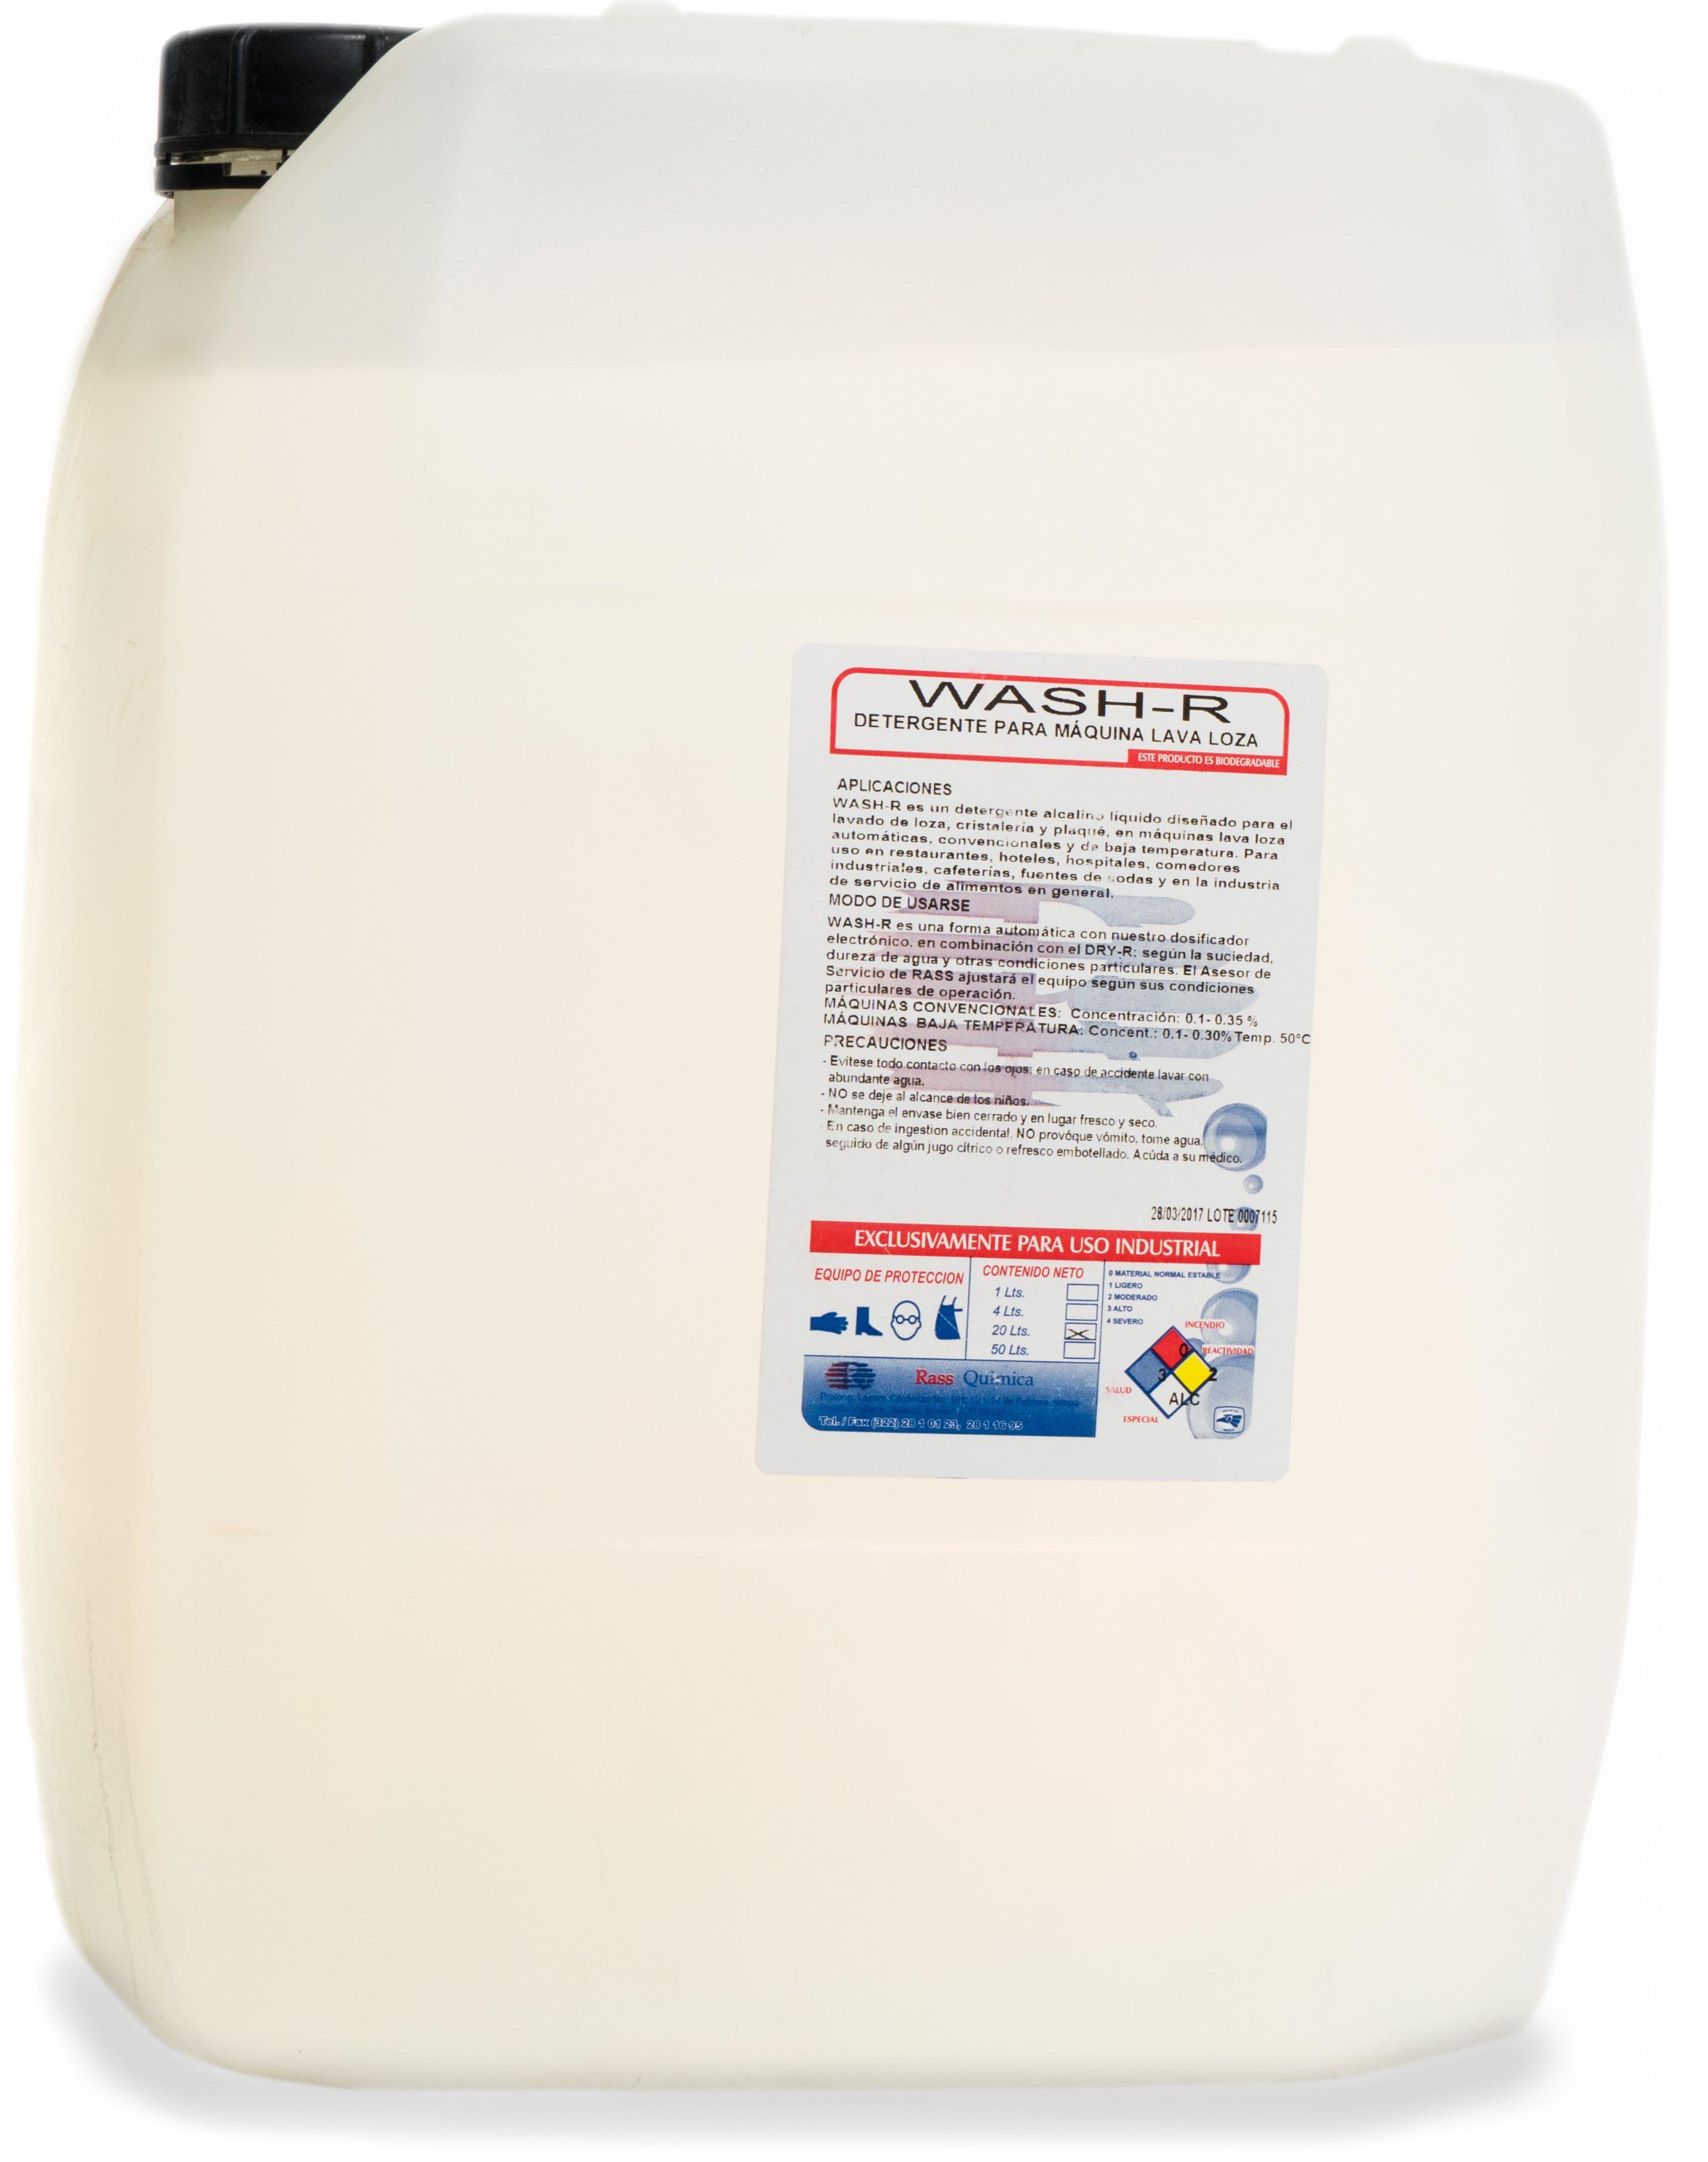 Wash R Distribuciones Rass ~ Dosificador De Detergente Para Lavadoras